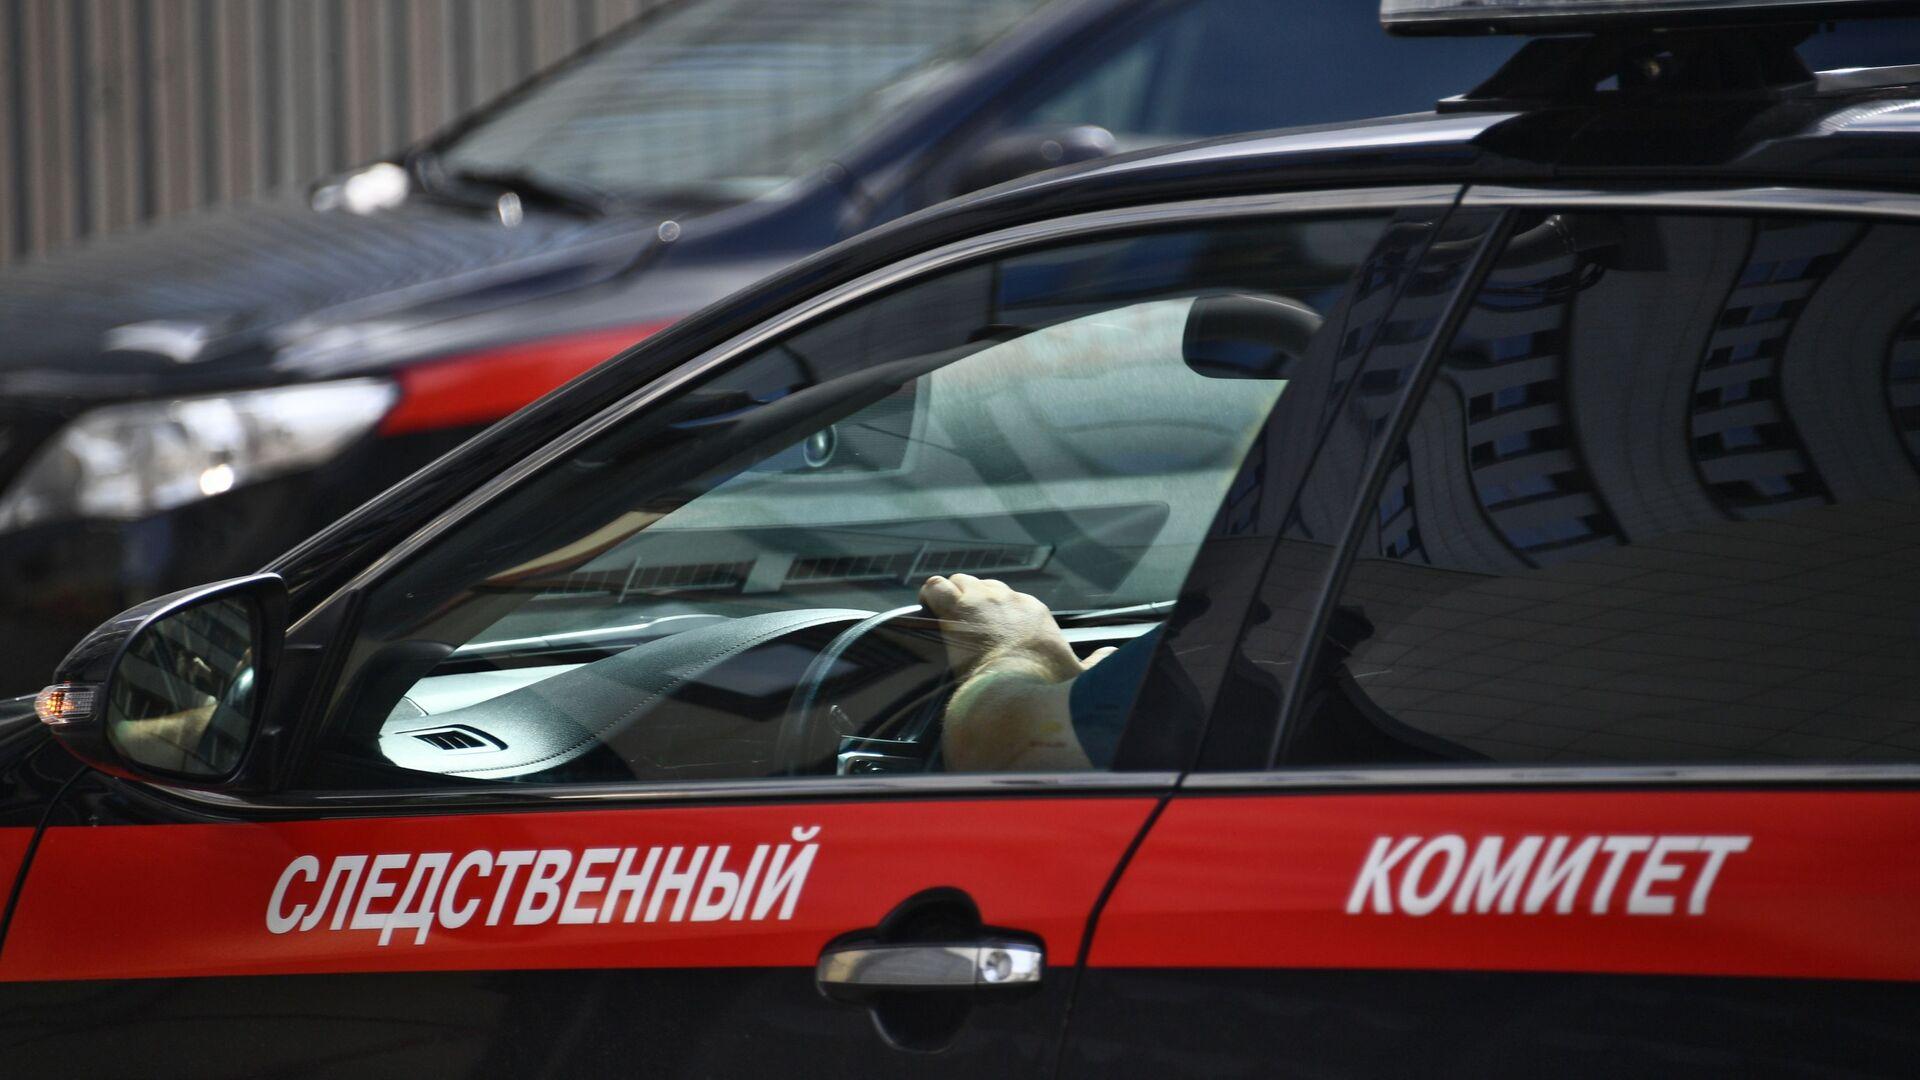 Автомобиль Следственного комитета РФ. - РИА Новости, 1920, 22.09.2021